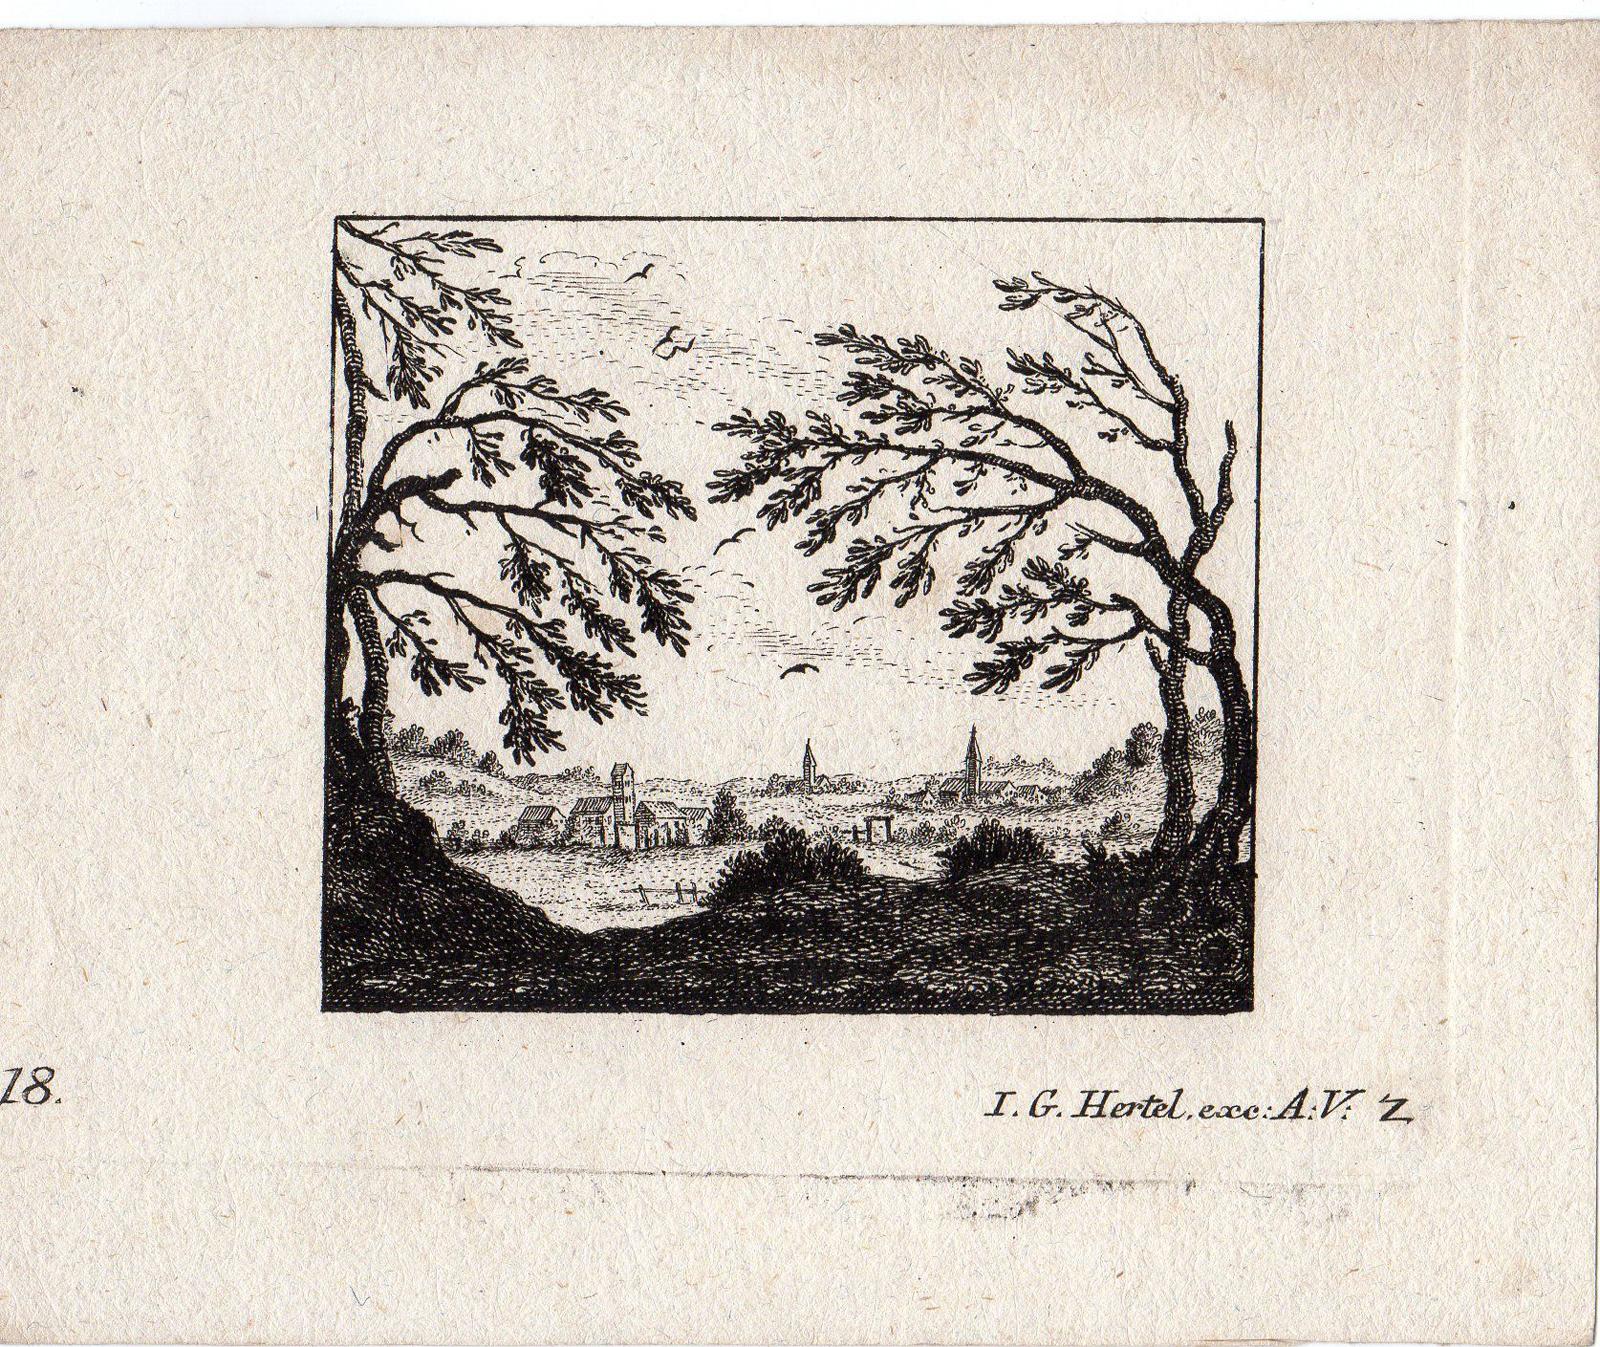 Antique Master Print-VILLAGE-VIEW-LANDSCAPE-Hertel-C. 1750: Johann Georg Hertel